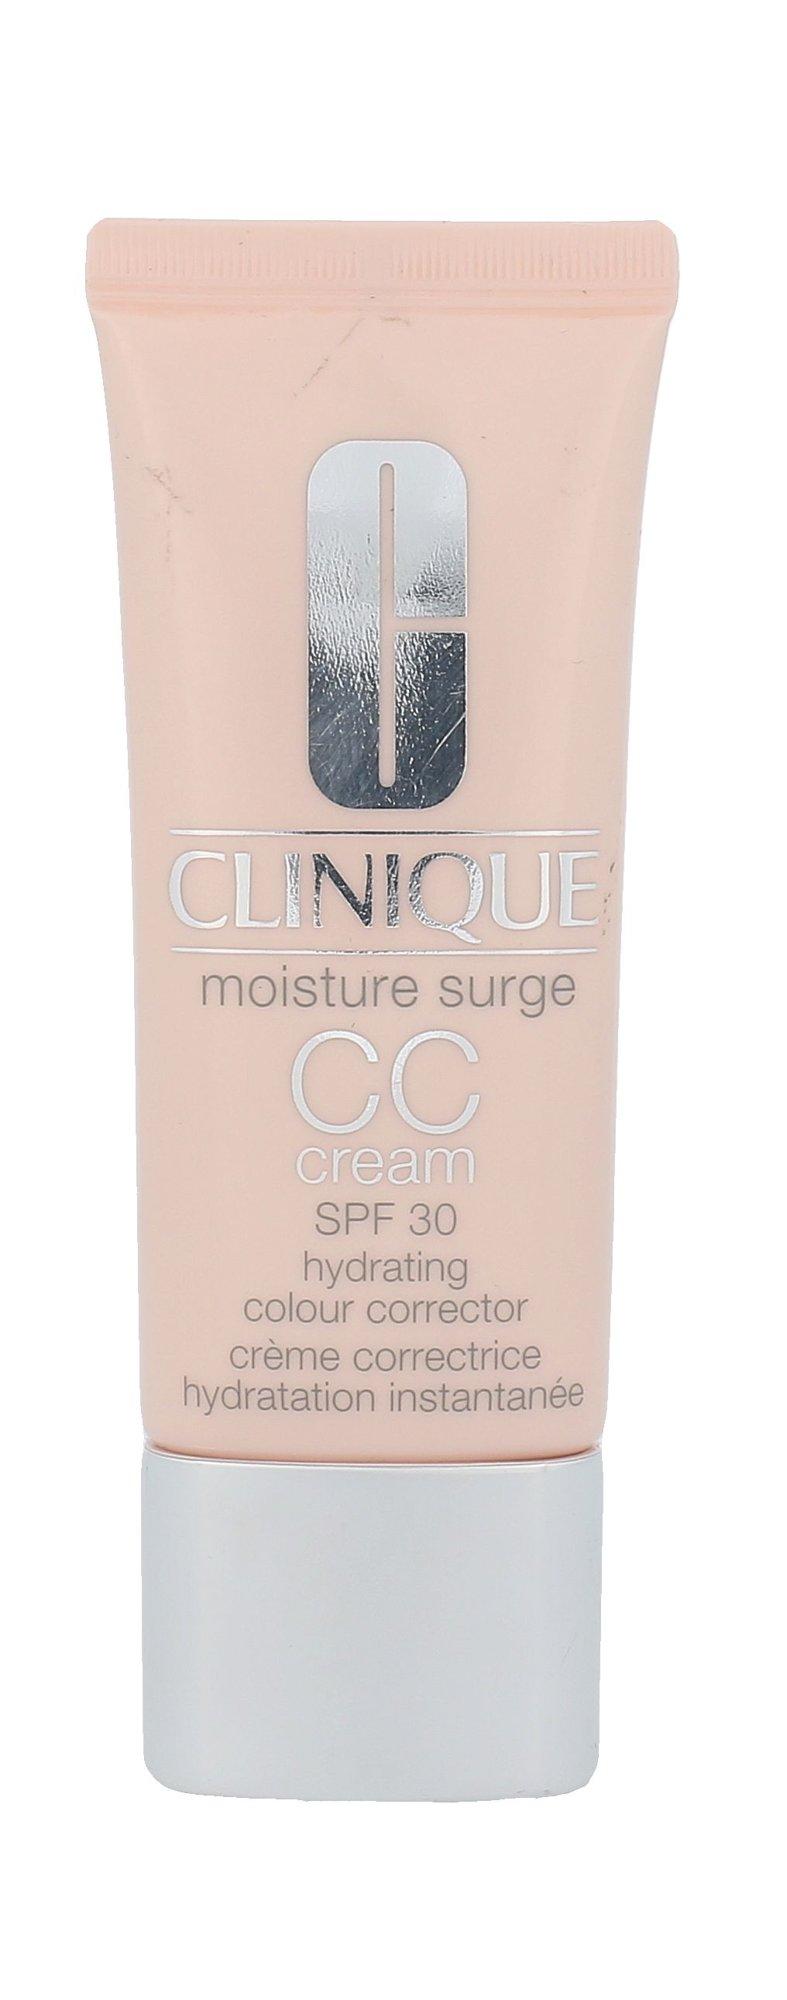 Clinique Moisture Surge Cosmetic 40ml Light Medium